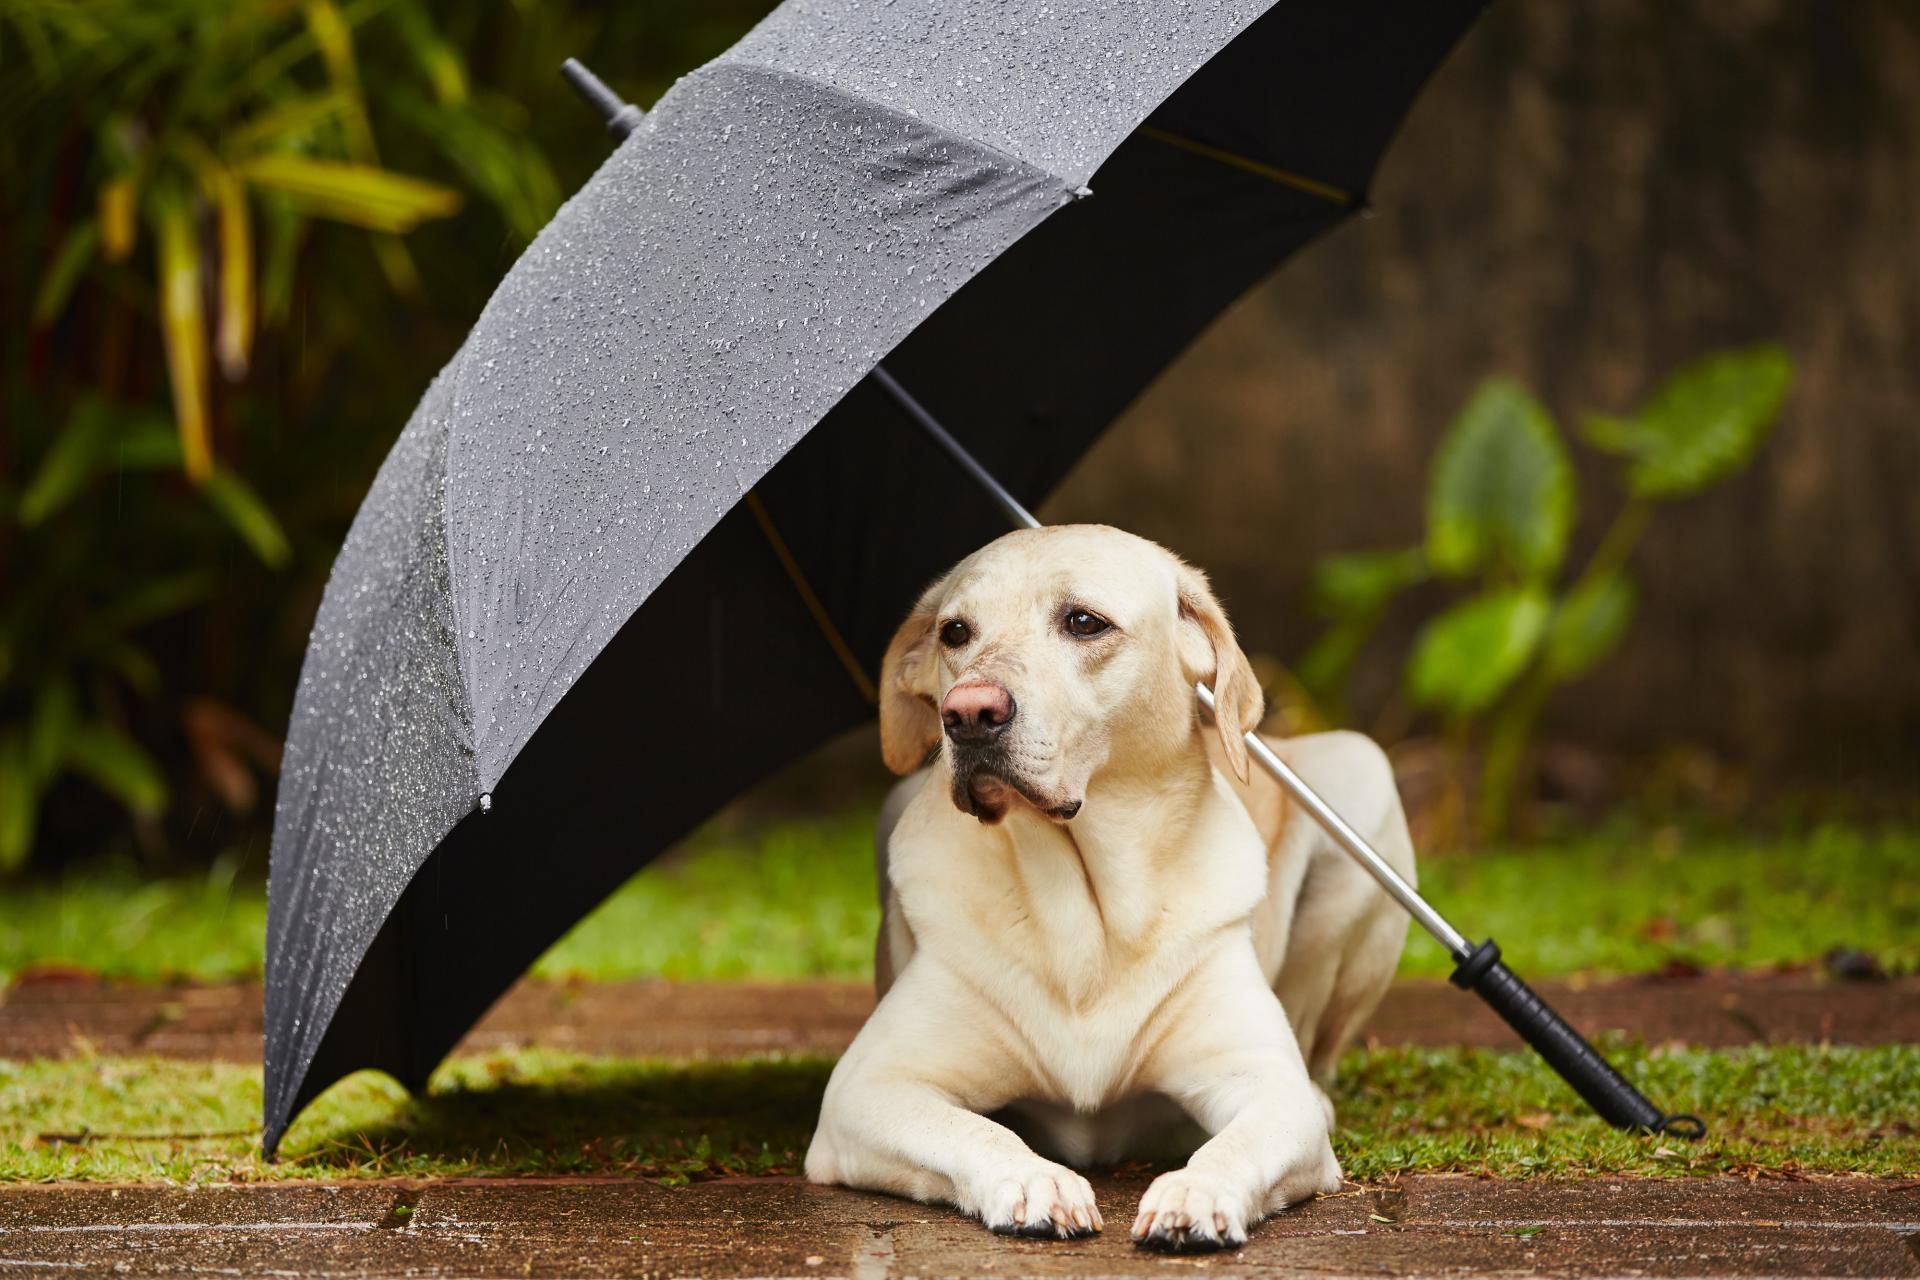 Labrador retriever parapluie adobestock 62765118